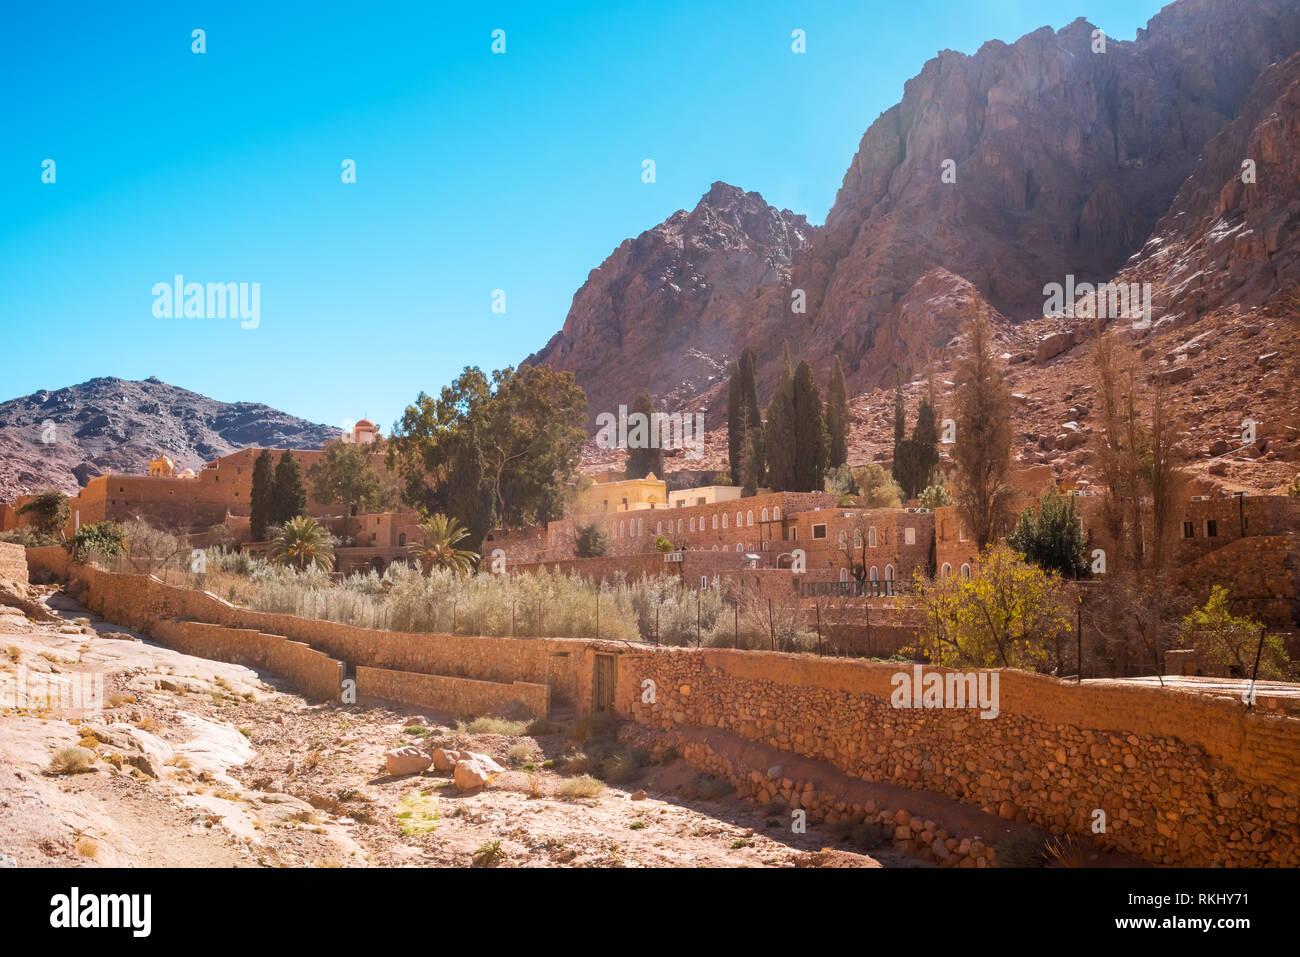 Chiesa e Monastero di Santa Caterina accanto alla montagna di Mosè in Egitto, il Sinai. Luogo famoso per il Cristianesimo ortodossia pellegrini Immagini Stock